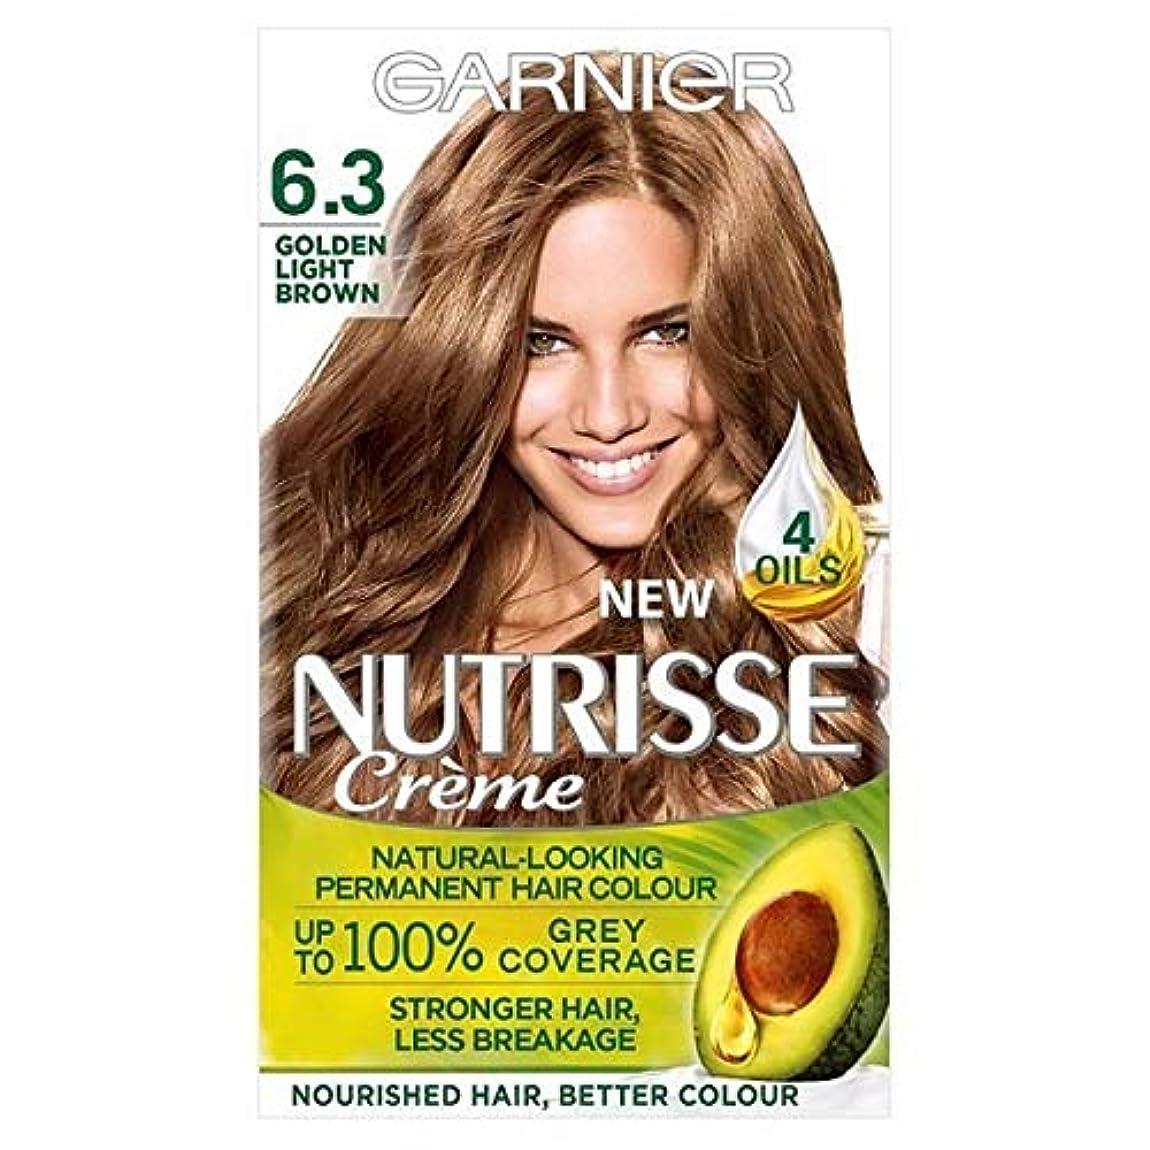 長いですトマト役割[Garnier ] ガルニエNutrisse永久染毛剤黄金ライトブラウン6.3 - Garnier Nutrisse Permanent Hair Dye Golden Light Brown 6.3 [並行輸入品]